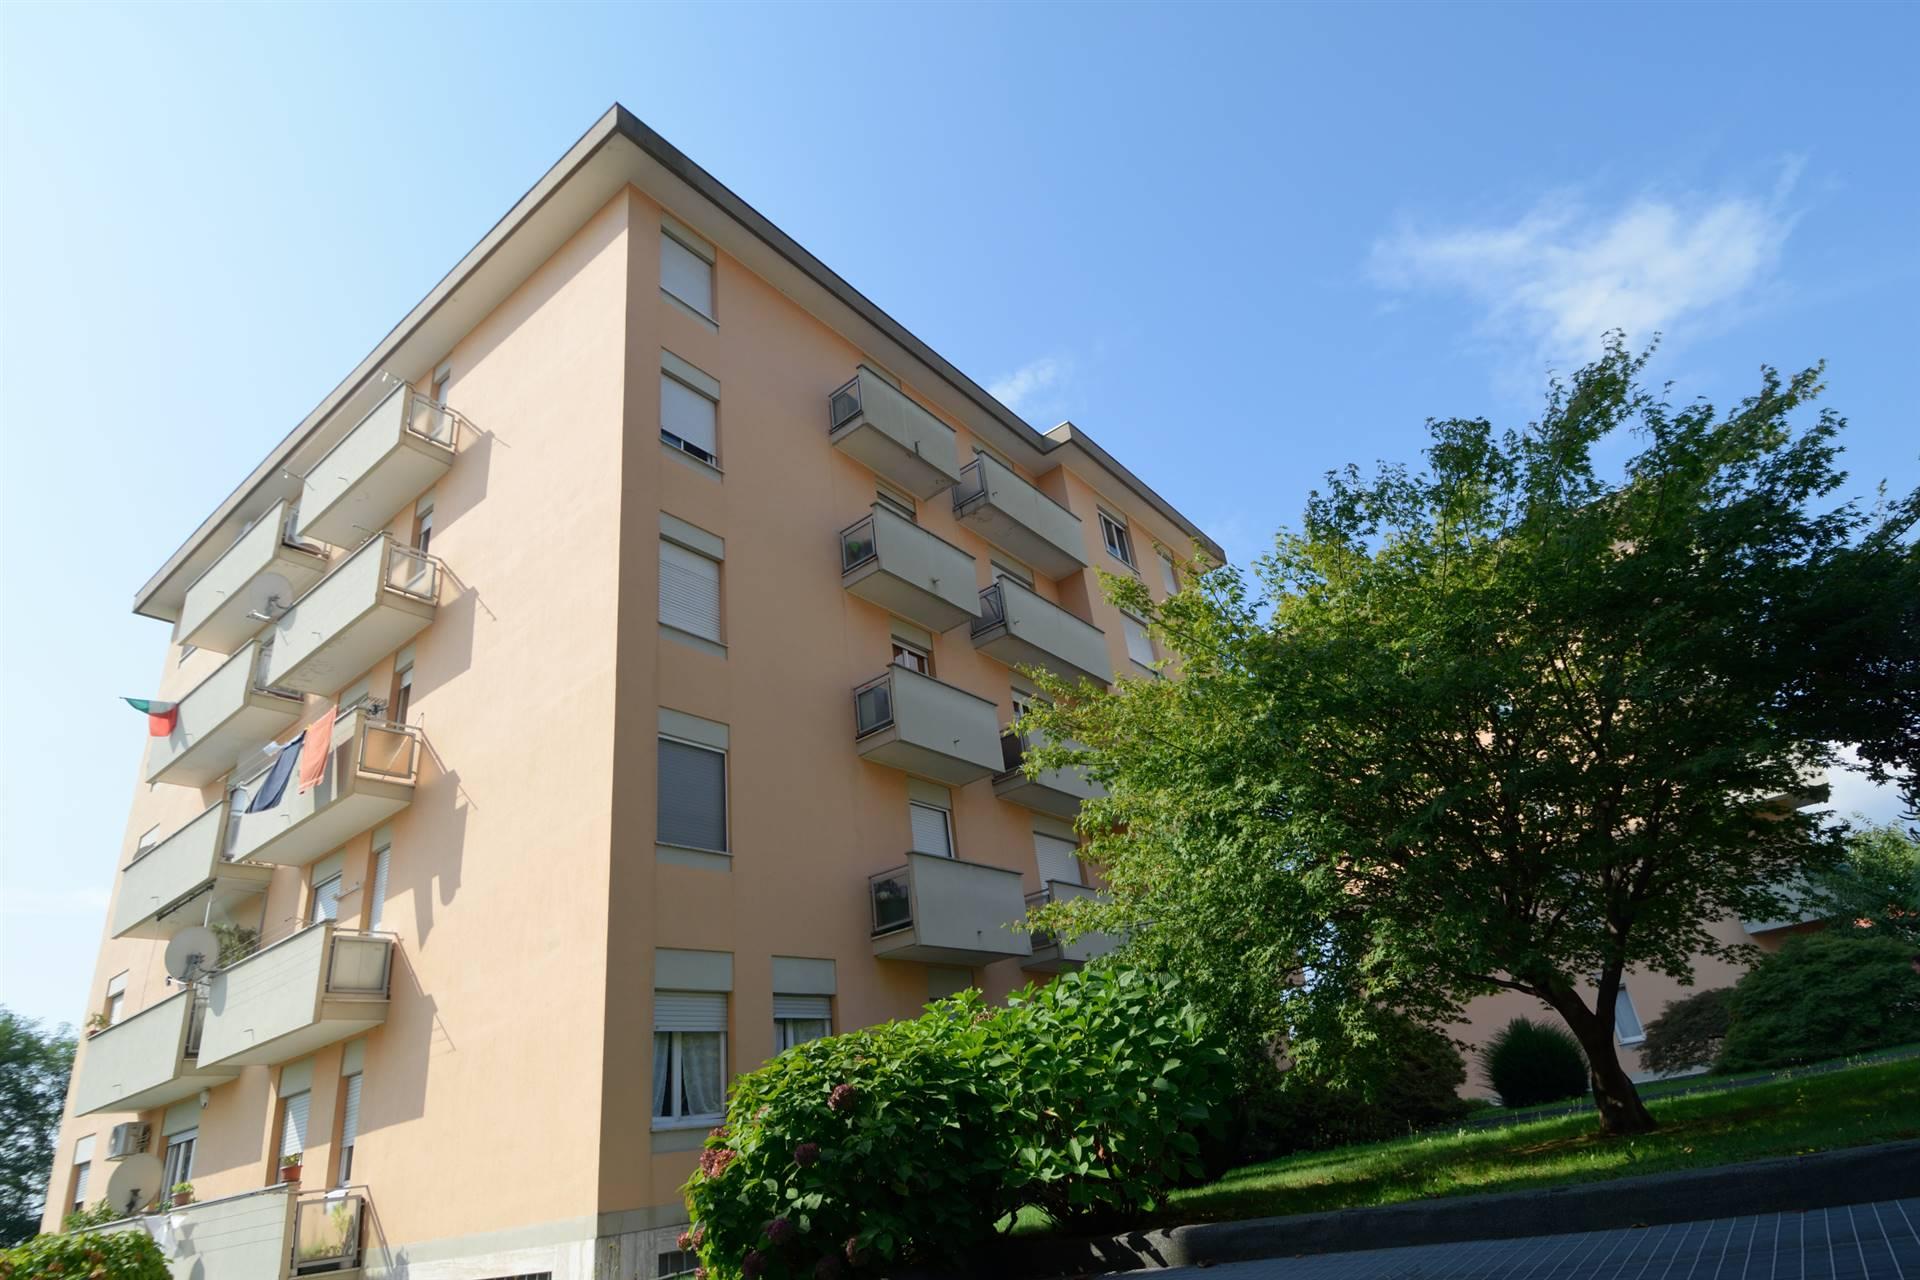 Appartamento in vendita a Biella, 4 locali, zona Località: PRESSI IST. GEOMETRI, prezzo € 69.000 | PortaleAgenzieImmobiliari.it